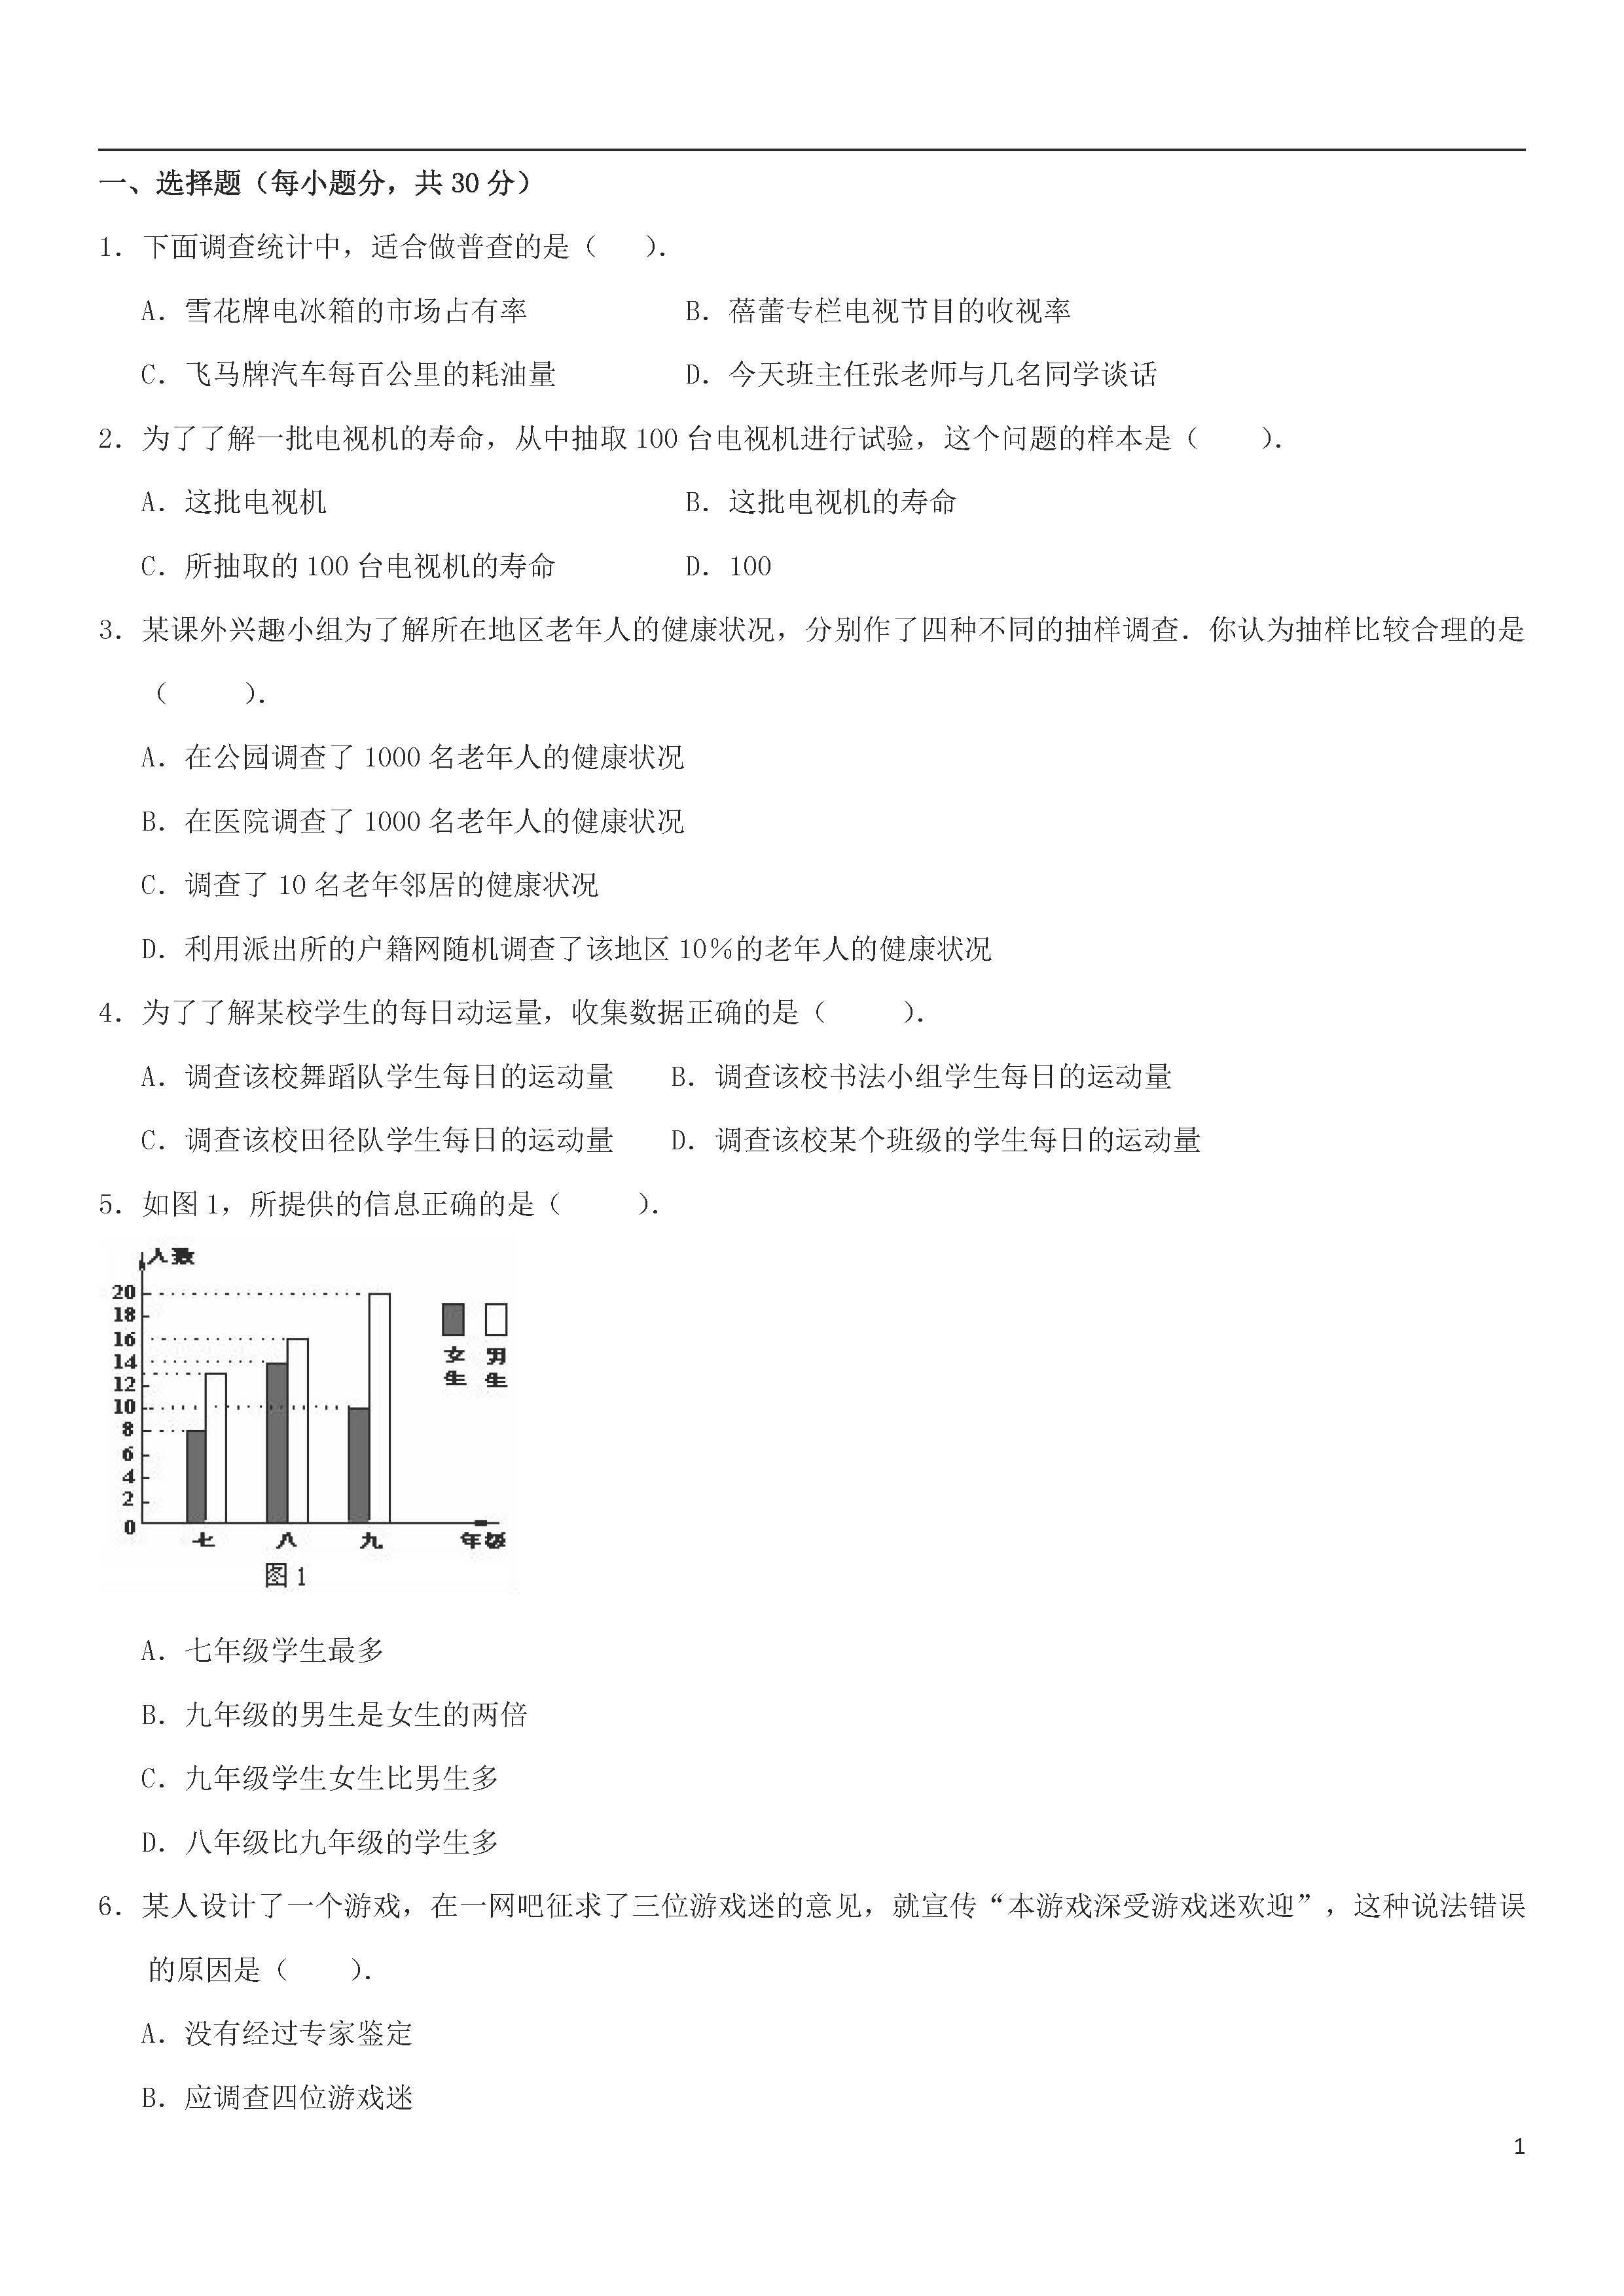 2018-2019届七年级数学上册期中单元测试题答案1(青岛版)